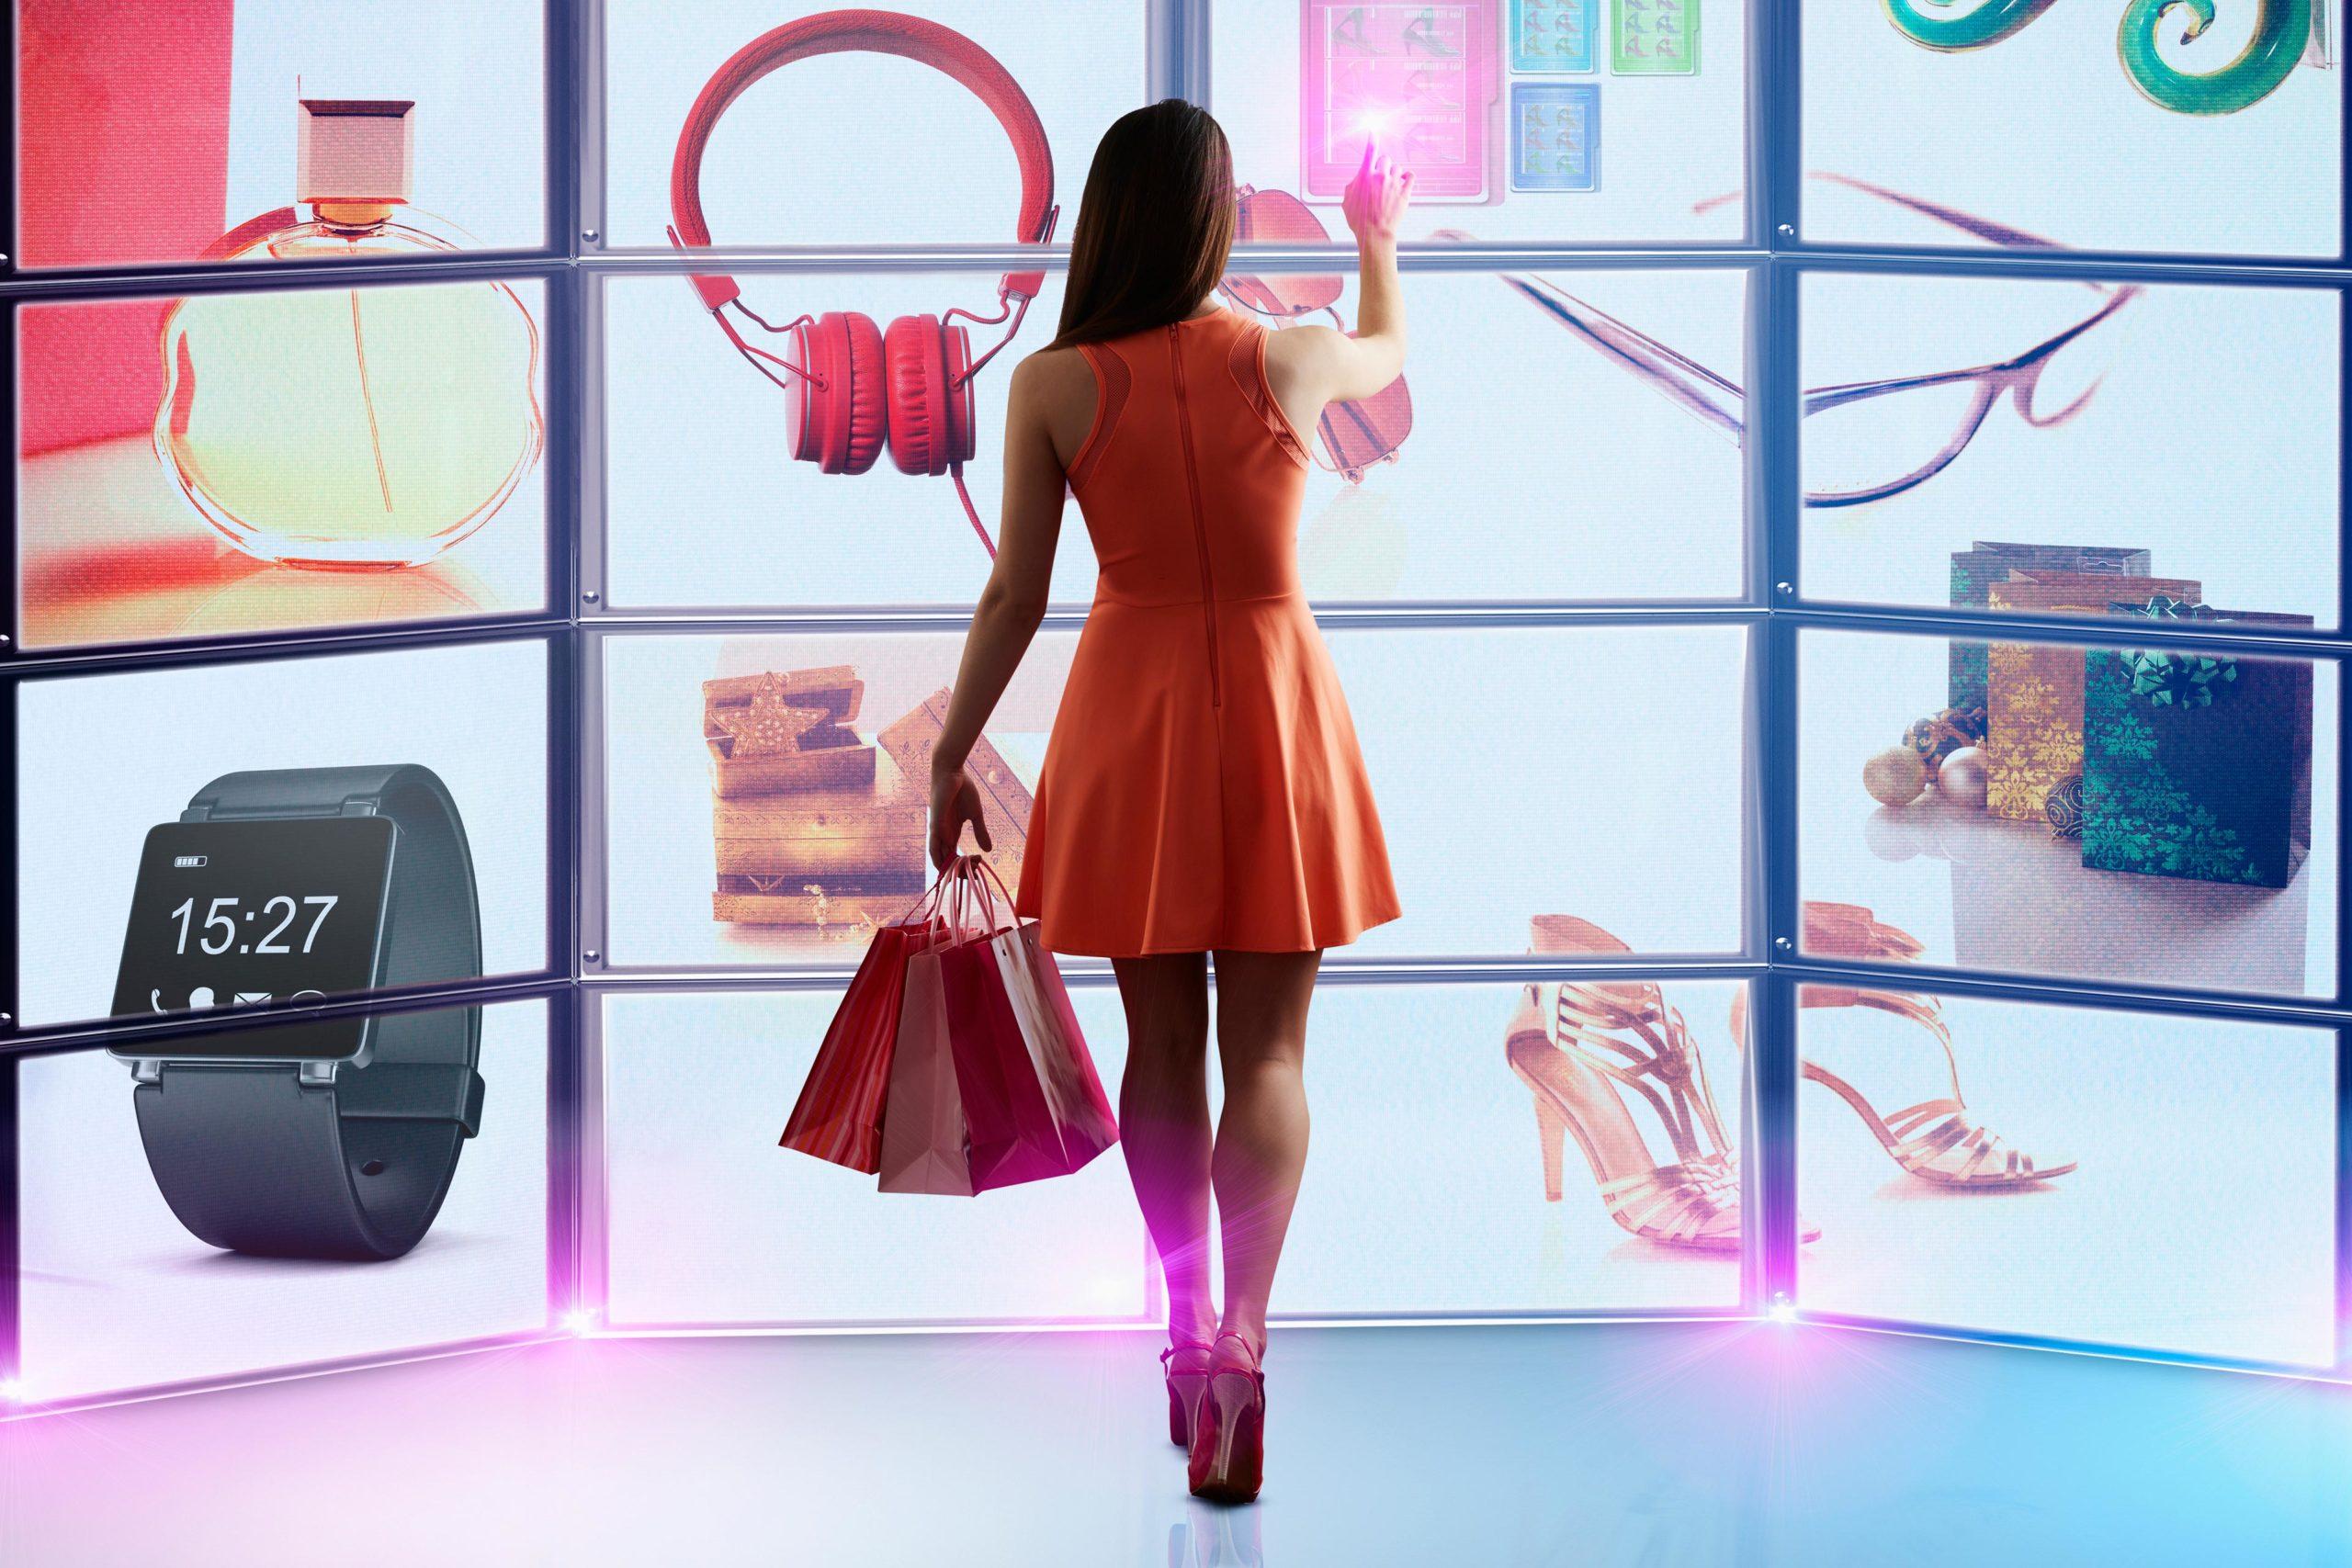 Как начать продавать одежду через интернет?